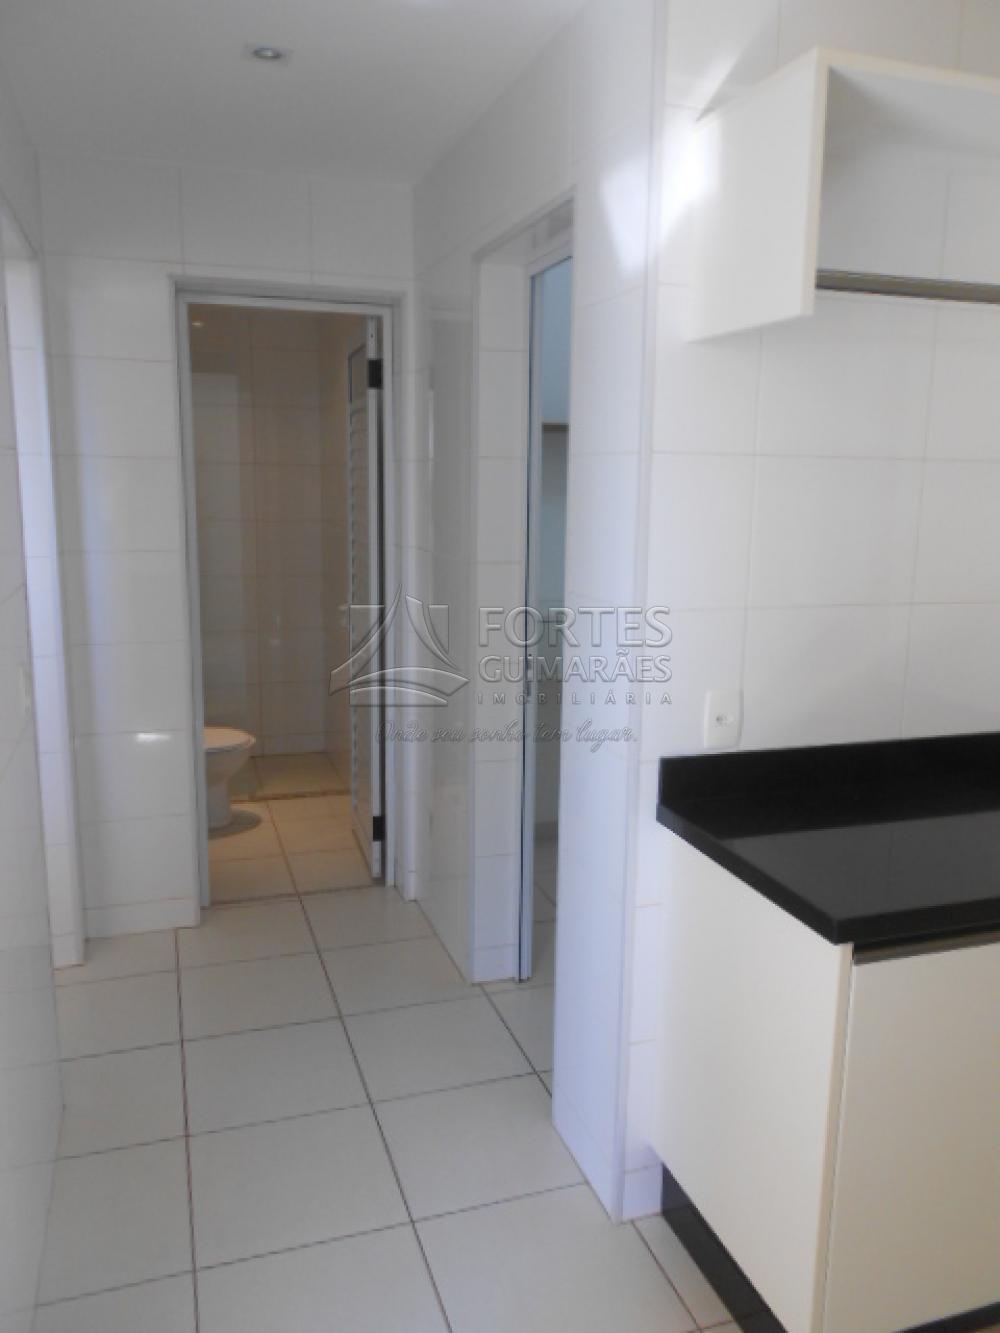 Alugar Apartamentos / Padrão em Ribeirão Preto apenas R$ 8.500,00 - Foto 61